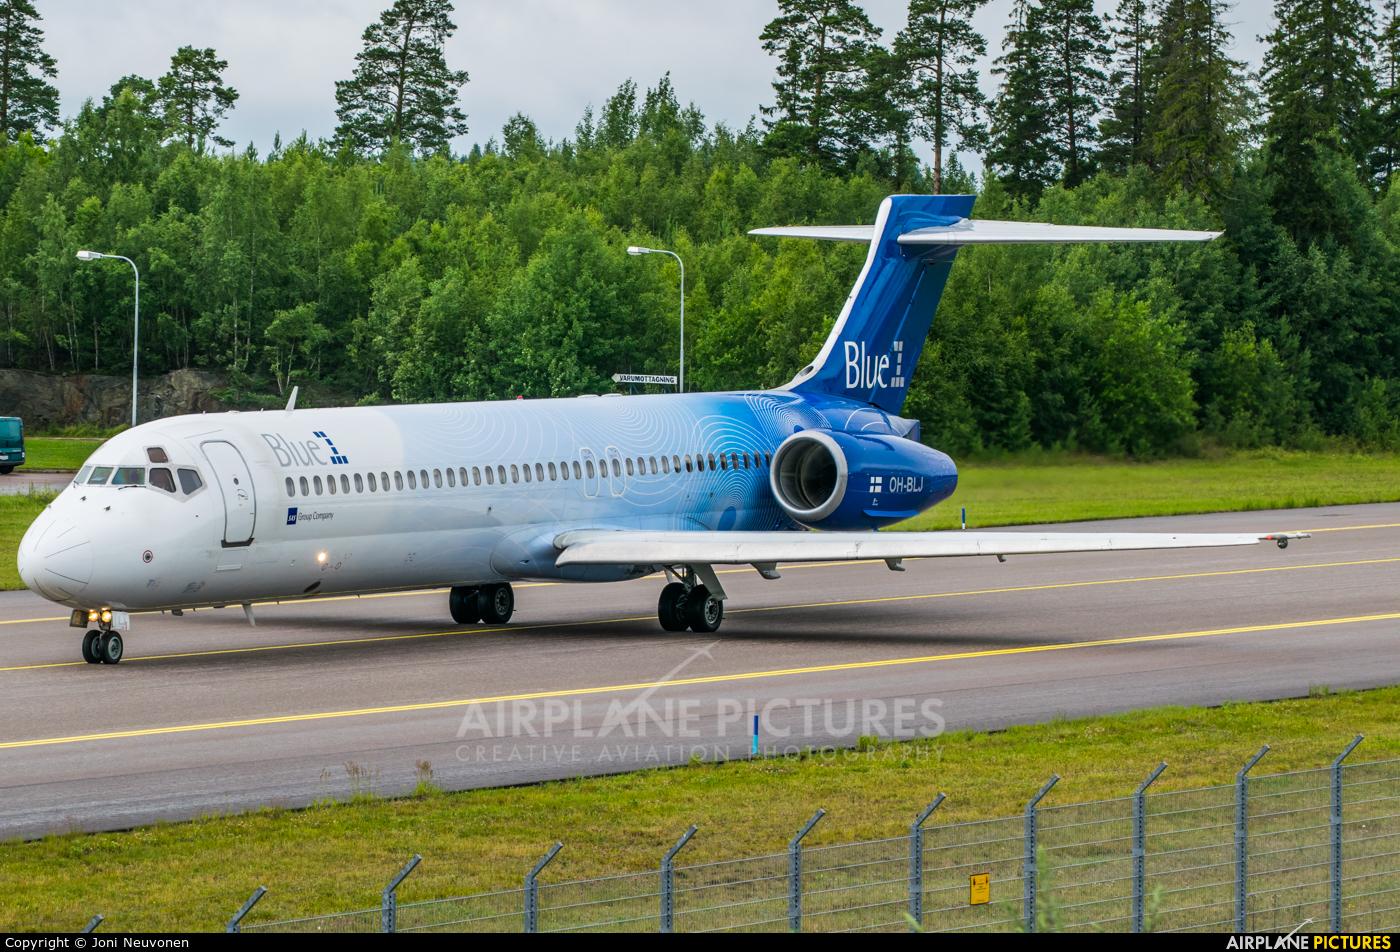 Blue1 OH-BLJ aircraft at Stockholm - Arlanda